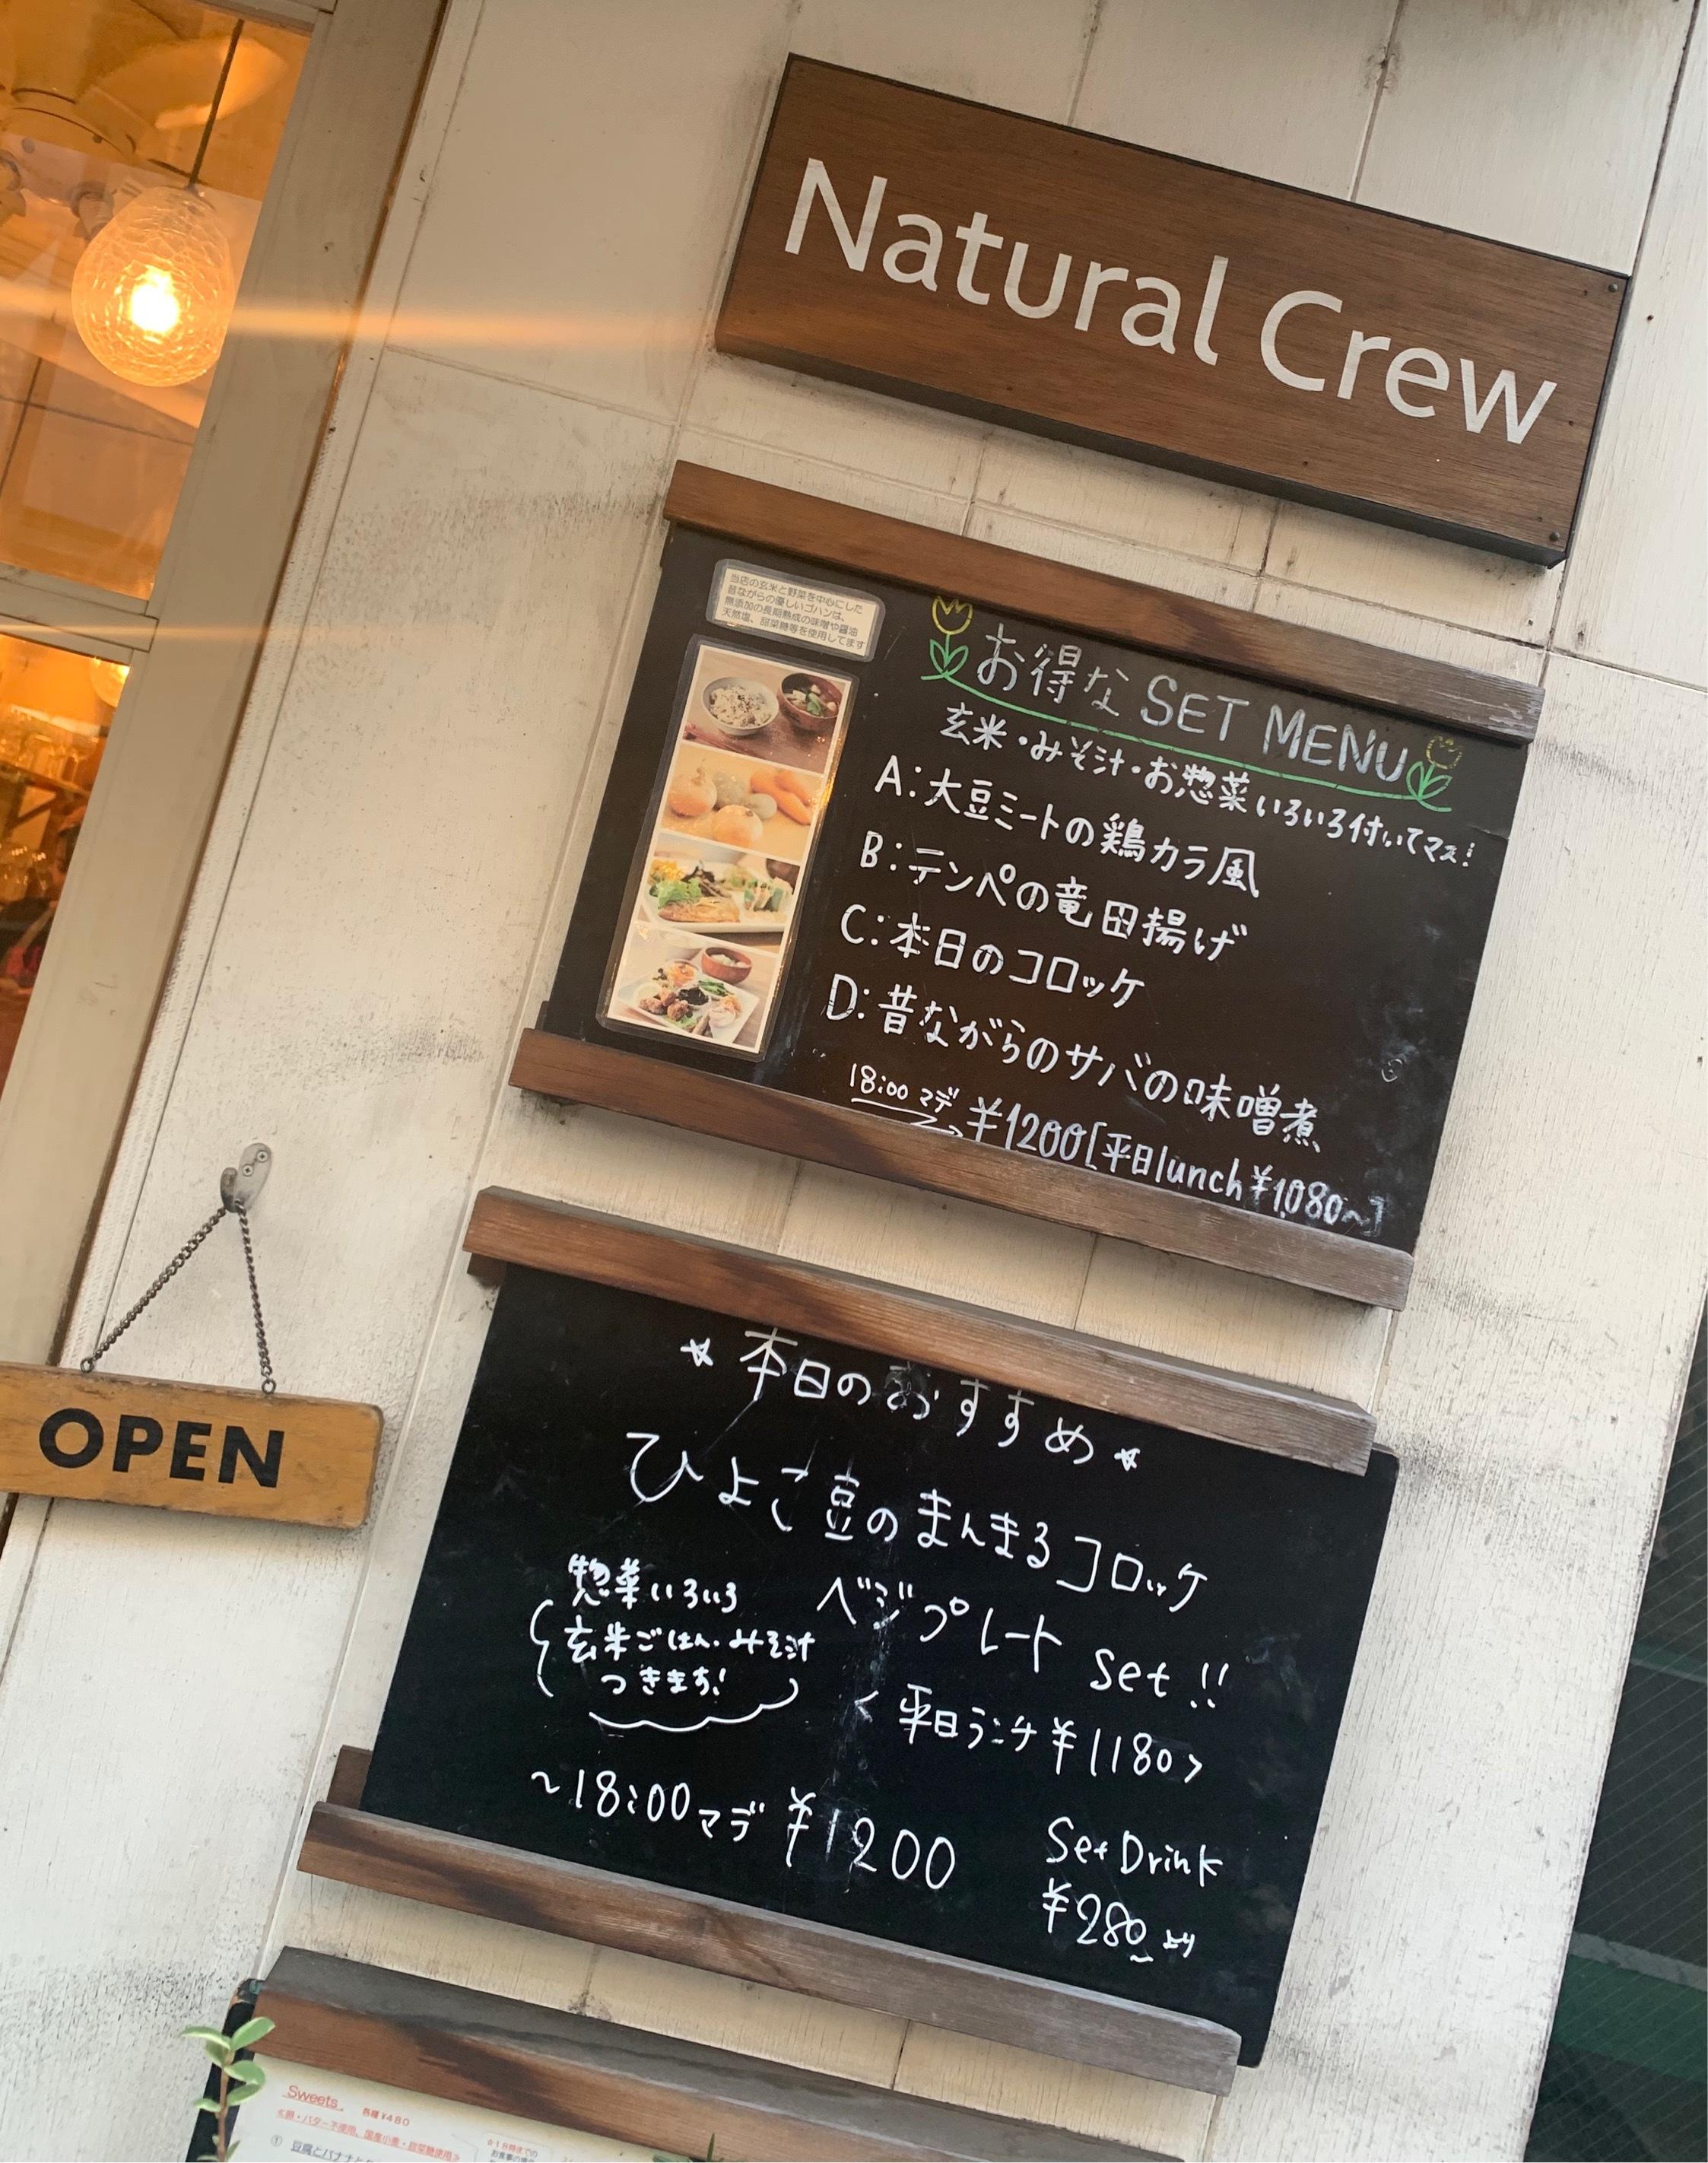 *自然食ごはんカフェ* Natural Crew @二子玉川_1_2